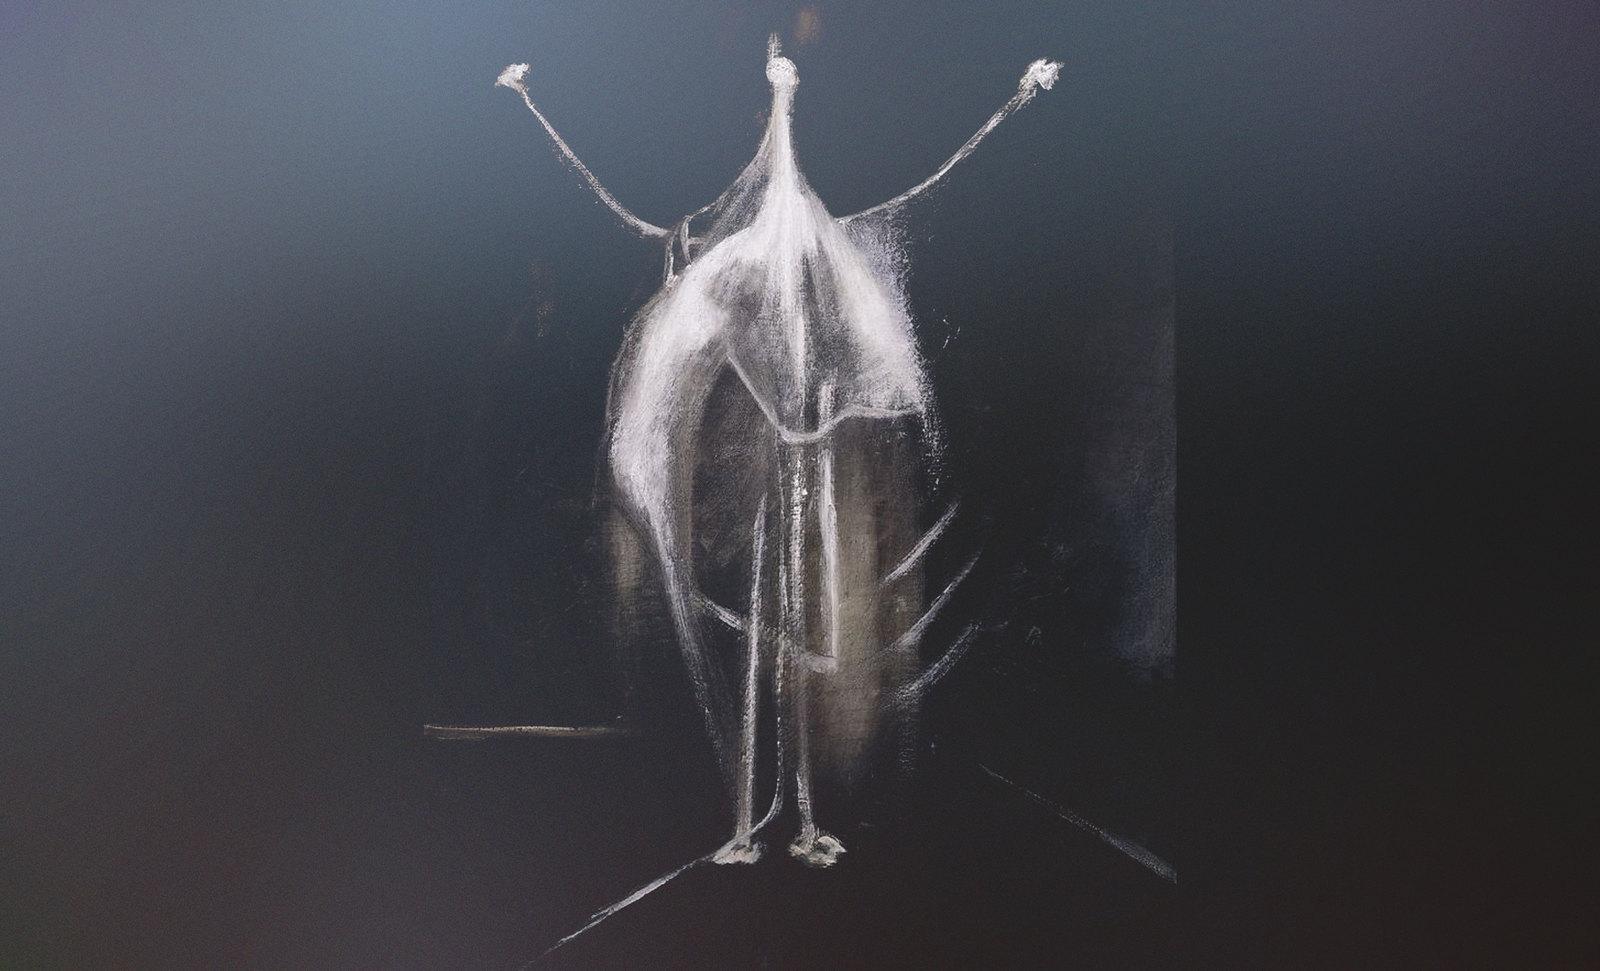 Danzando, pronóstico de Pablo Picasso (1956), encuadre de Francis Bacon (1933).